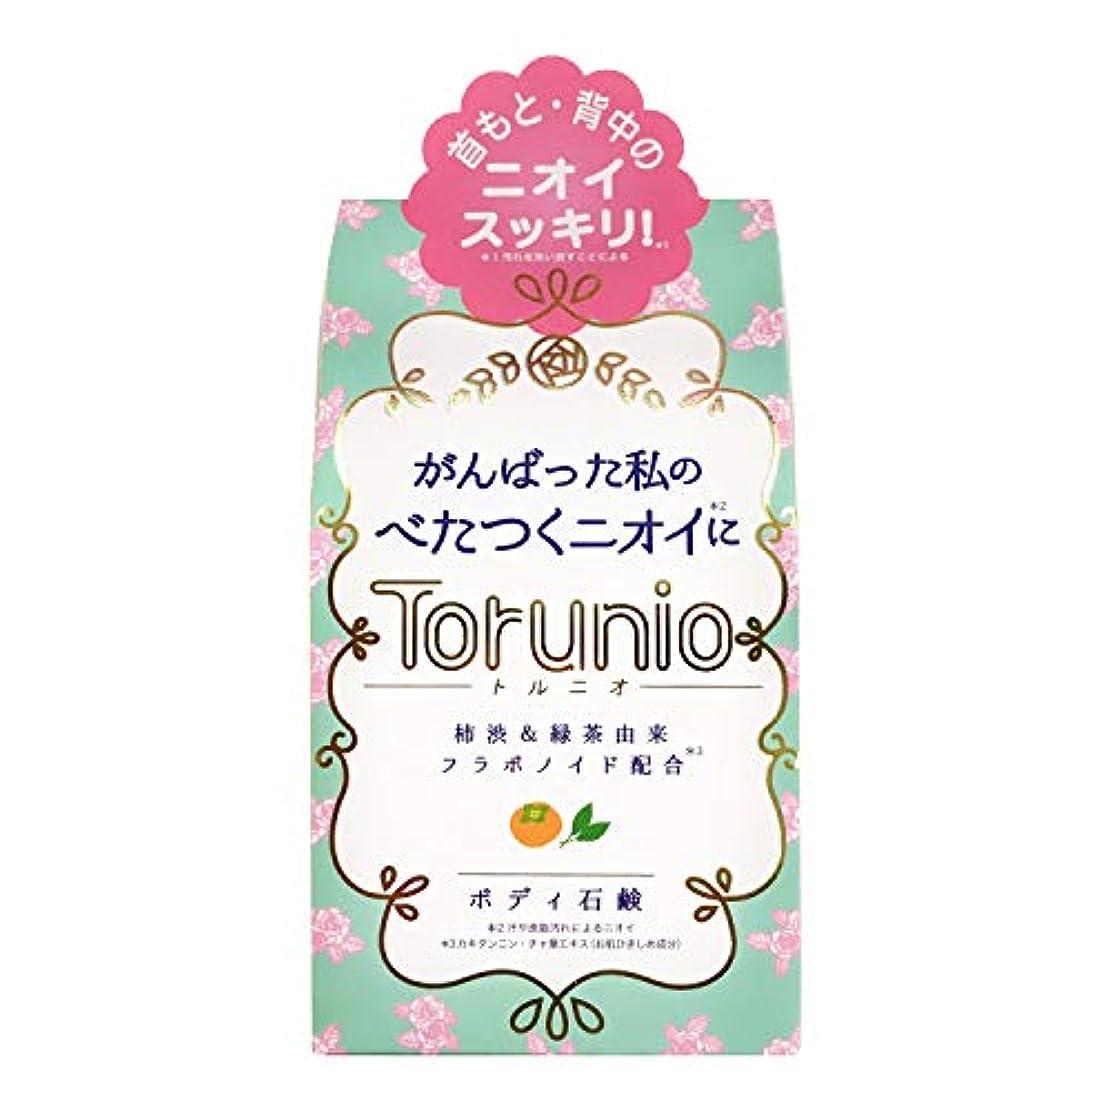 バット助けて補助Torunio(トルニオ)石鹸 100g